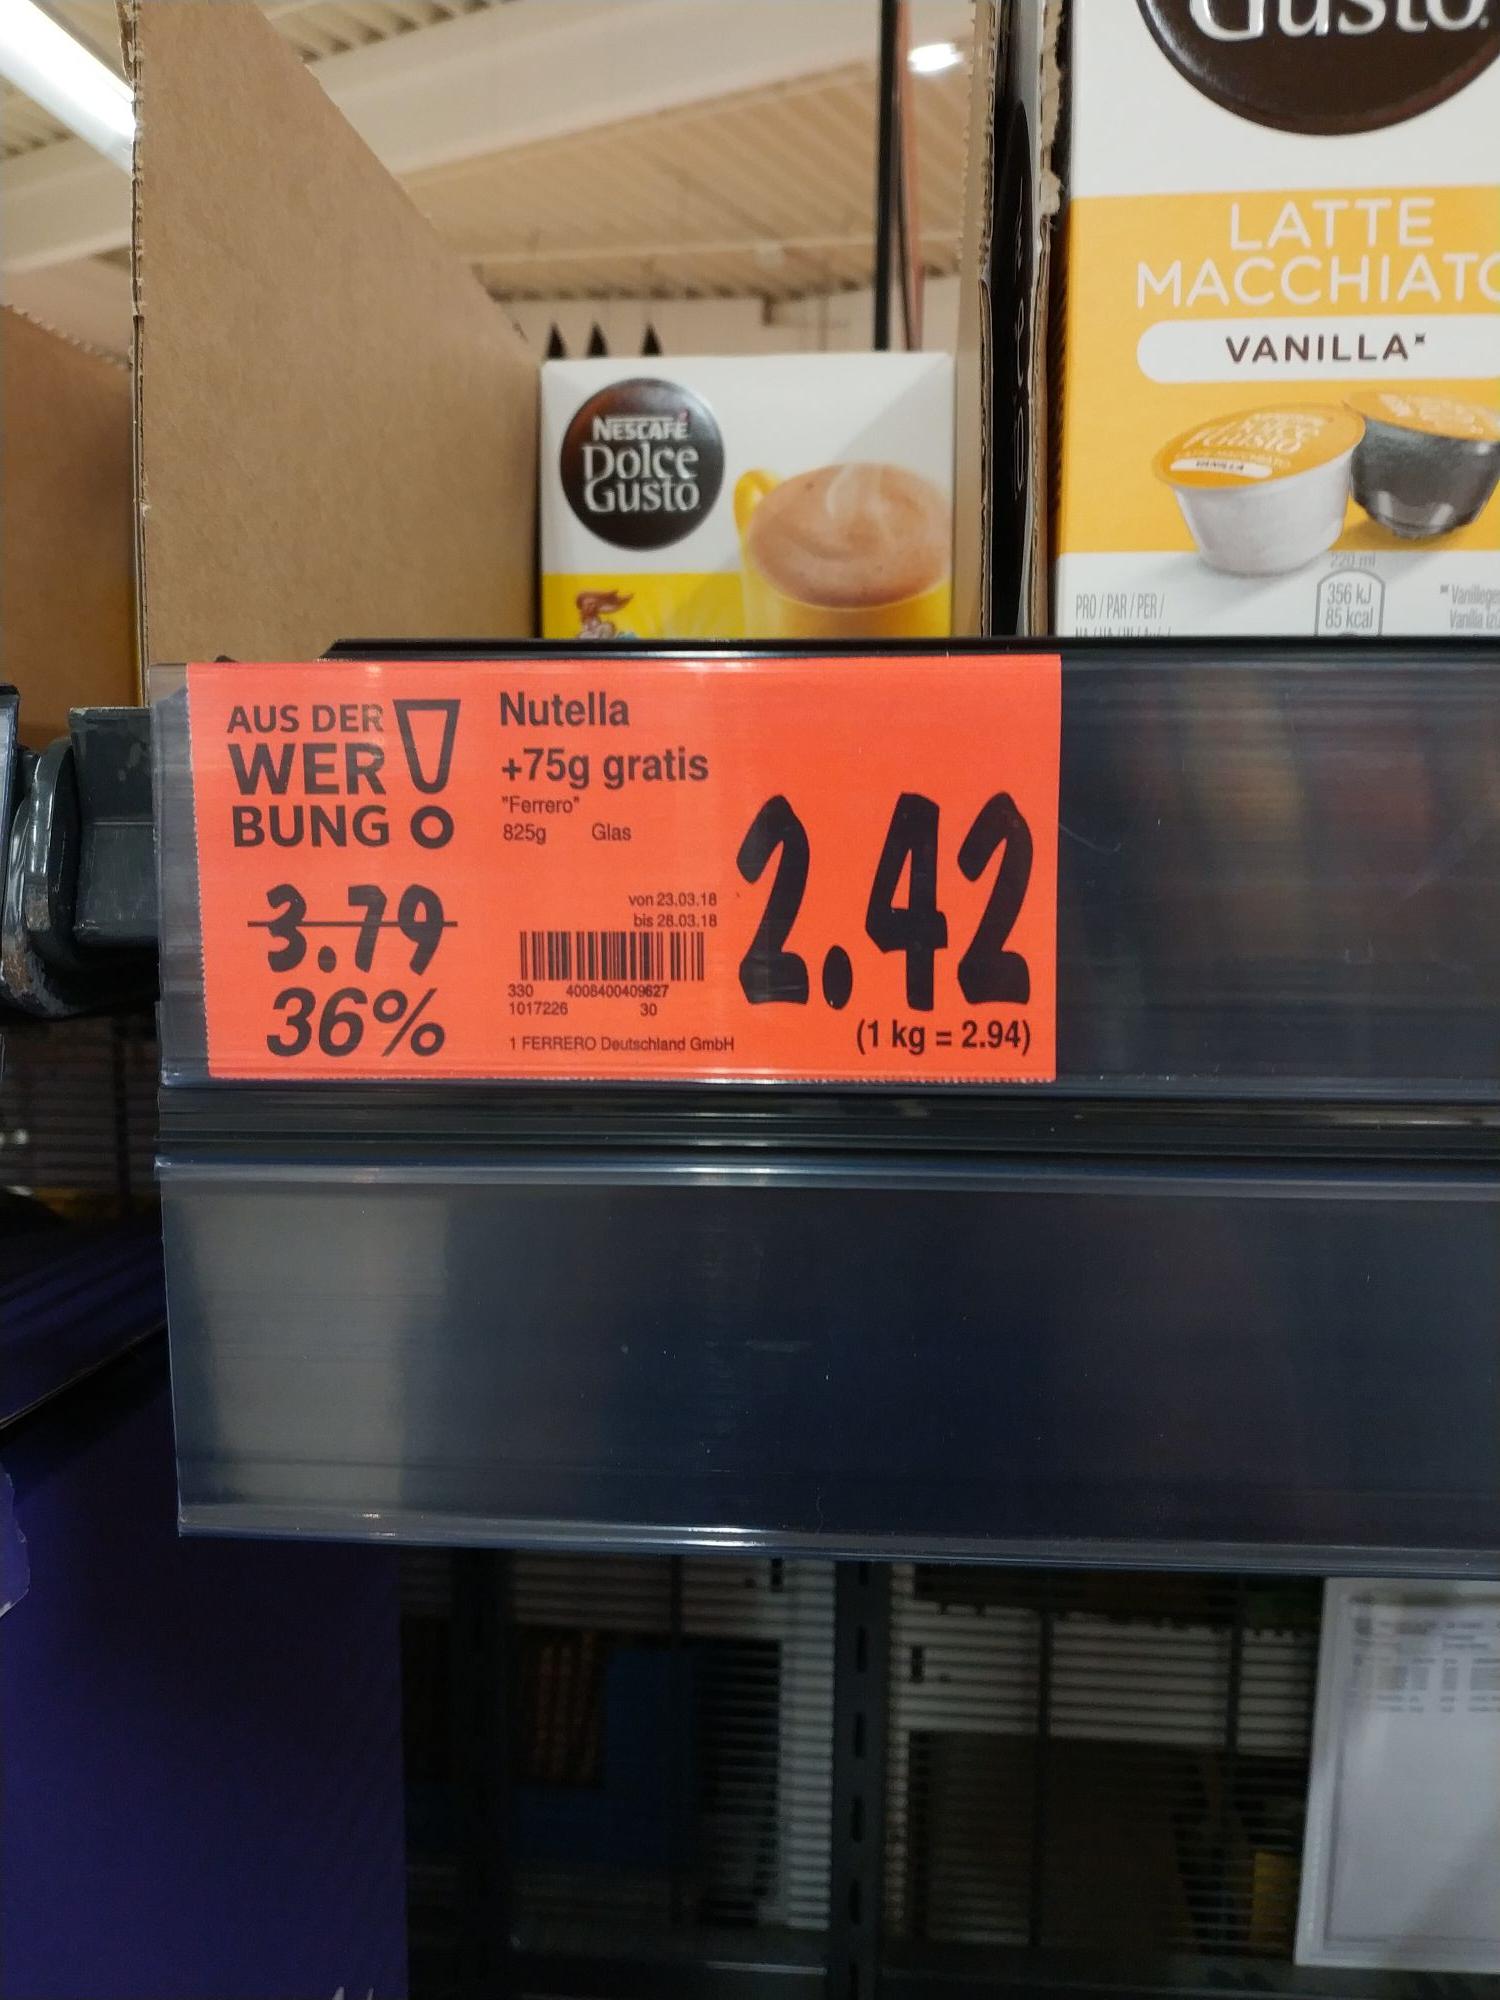 (Lokal Kaufland Velbert?) Nutella 825 g